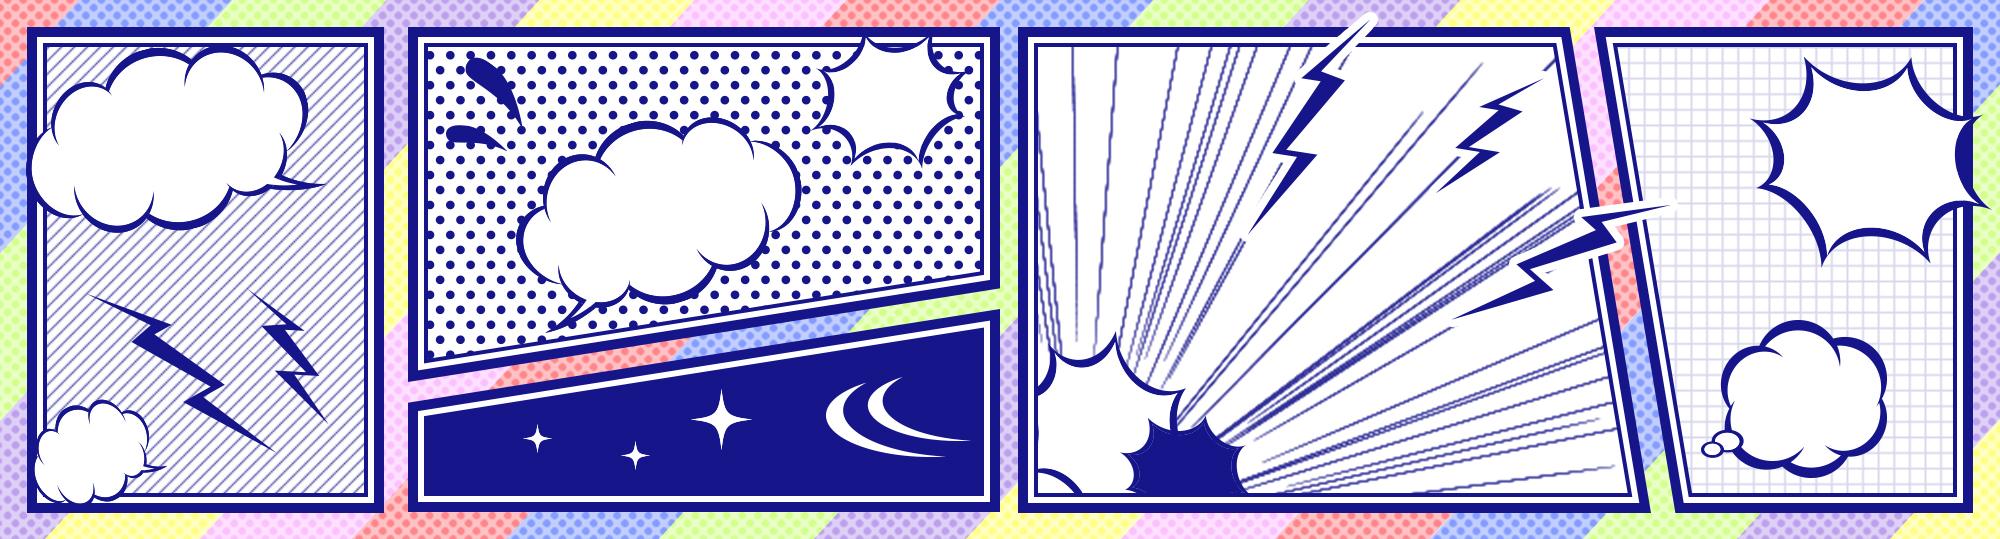 イラスト部屋 [フォレストページ+] 夢小説対応・簡単オシャレな創作